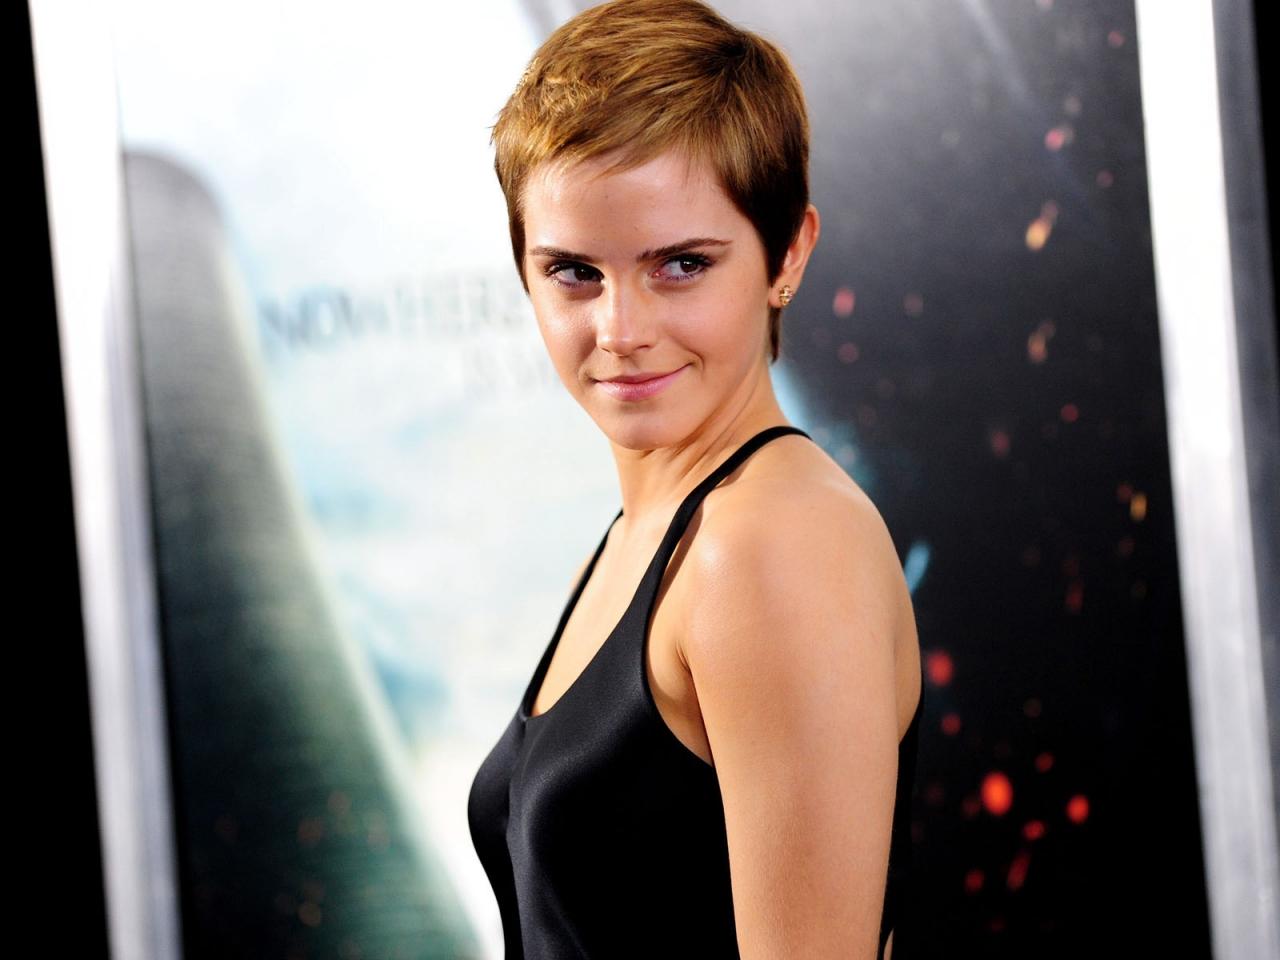 Emma Watson con cabello corto - 1280x960